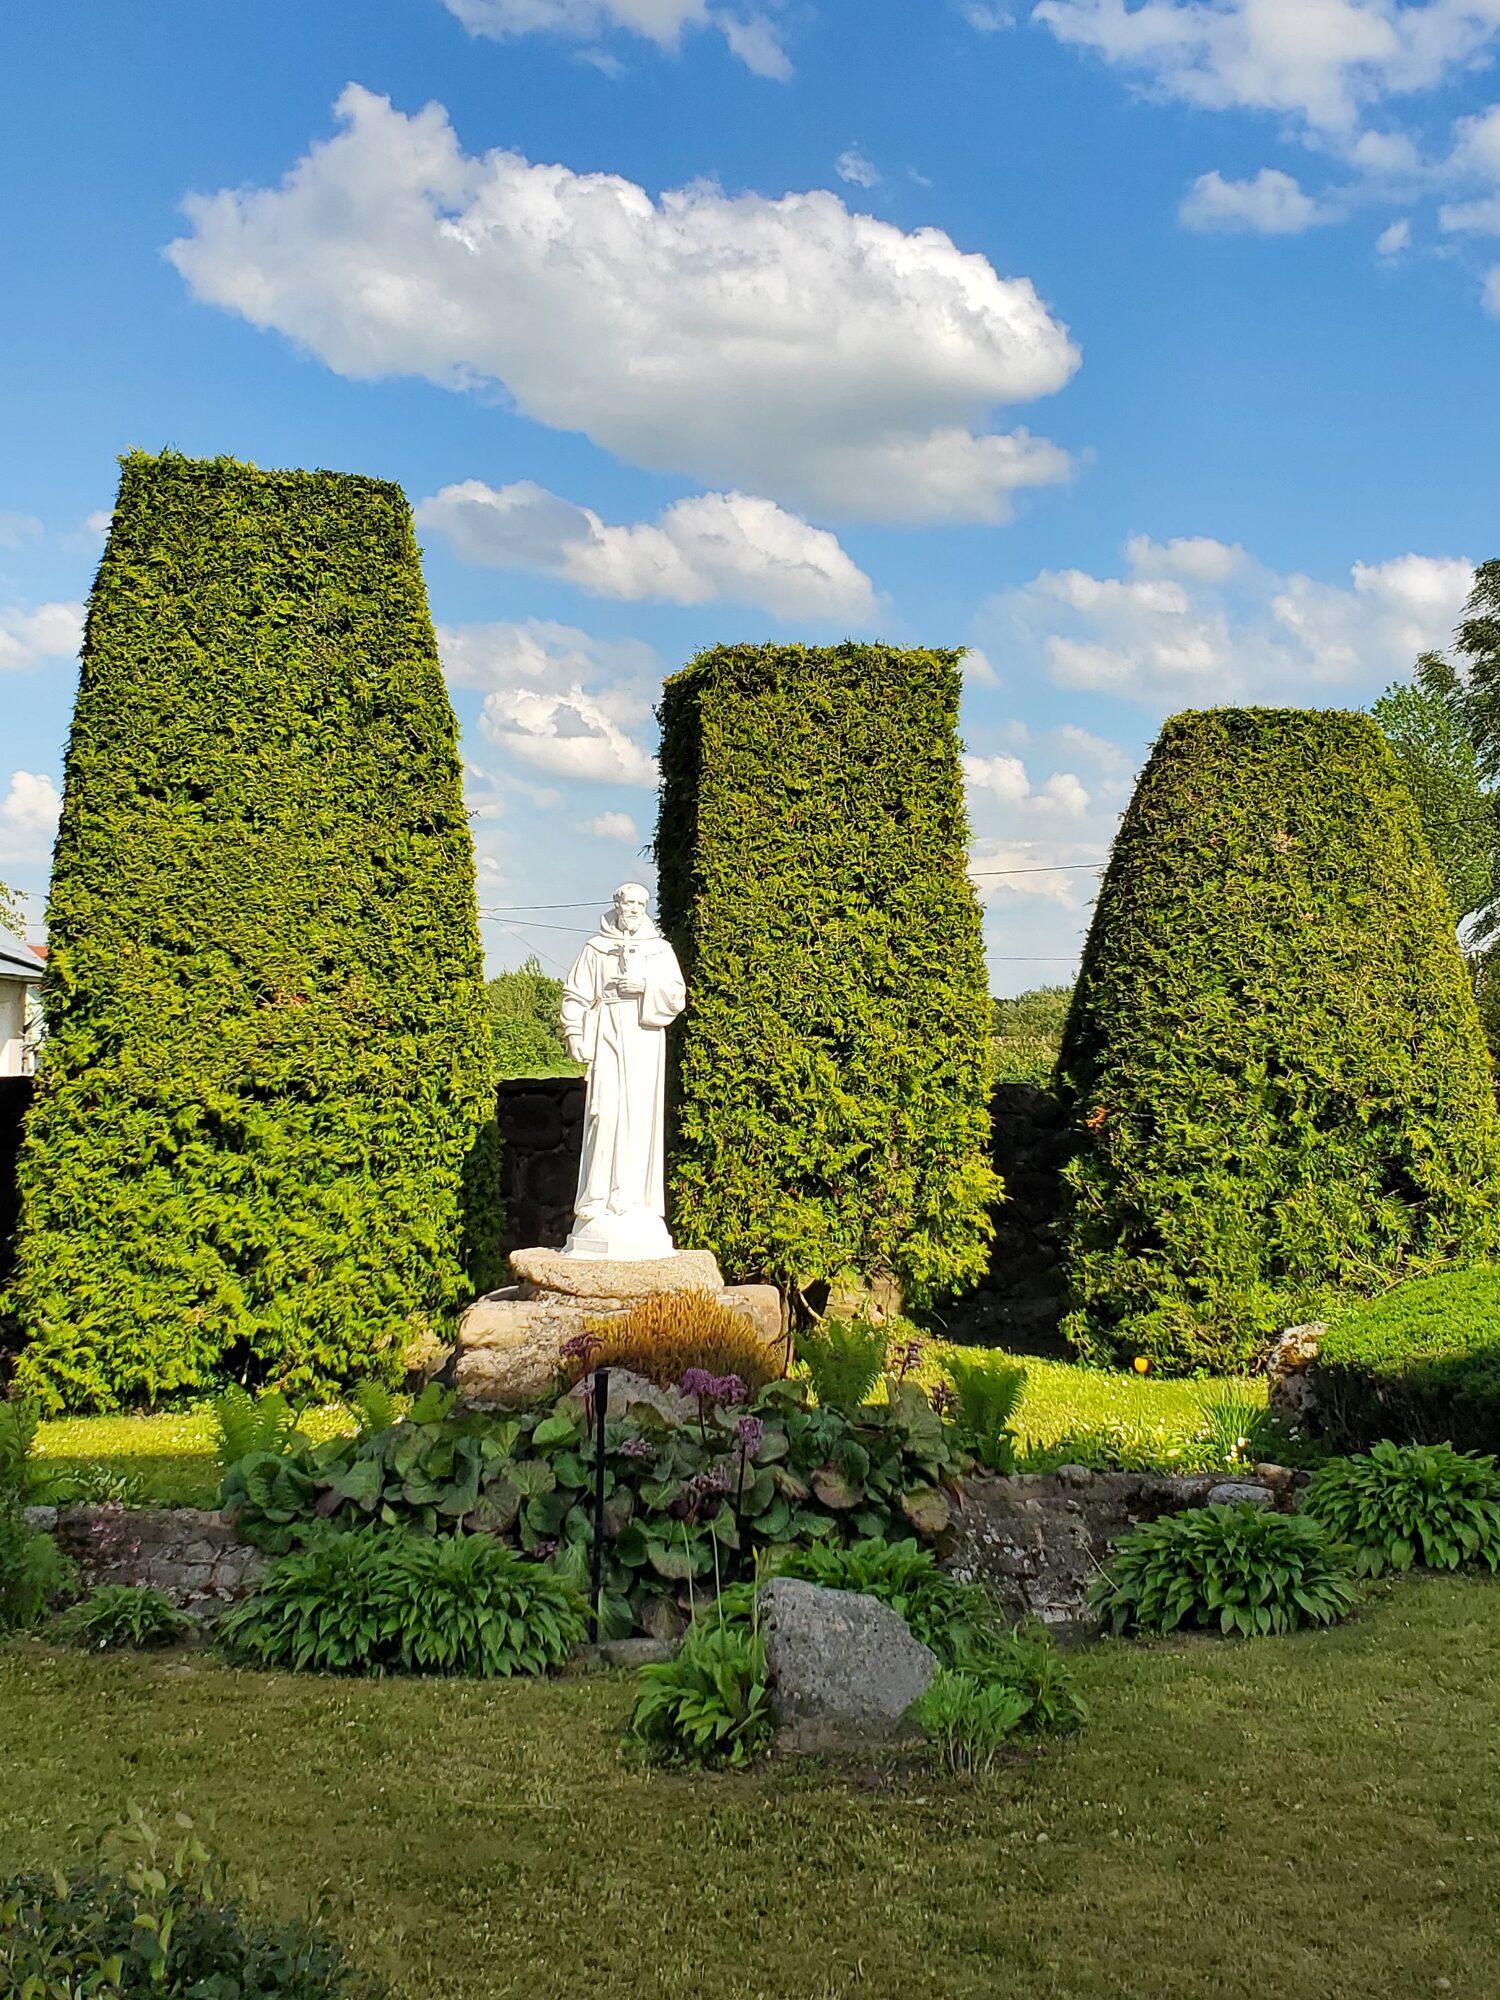 20200606 165013 1 rotated - Костел Пресвятой Девы Марии в деревне Парафьяново